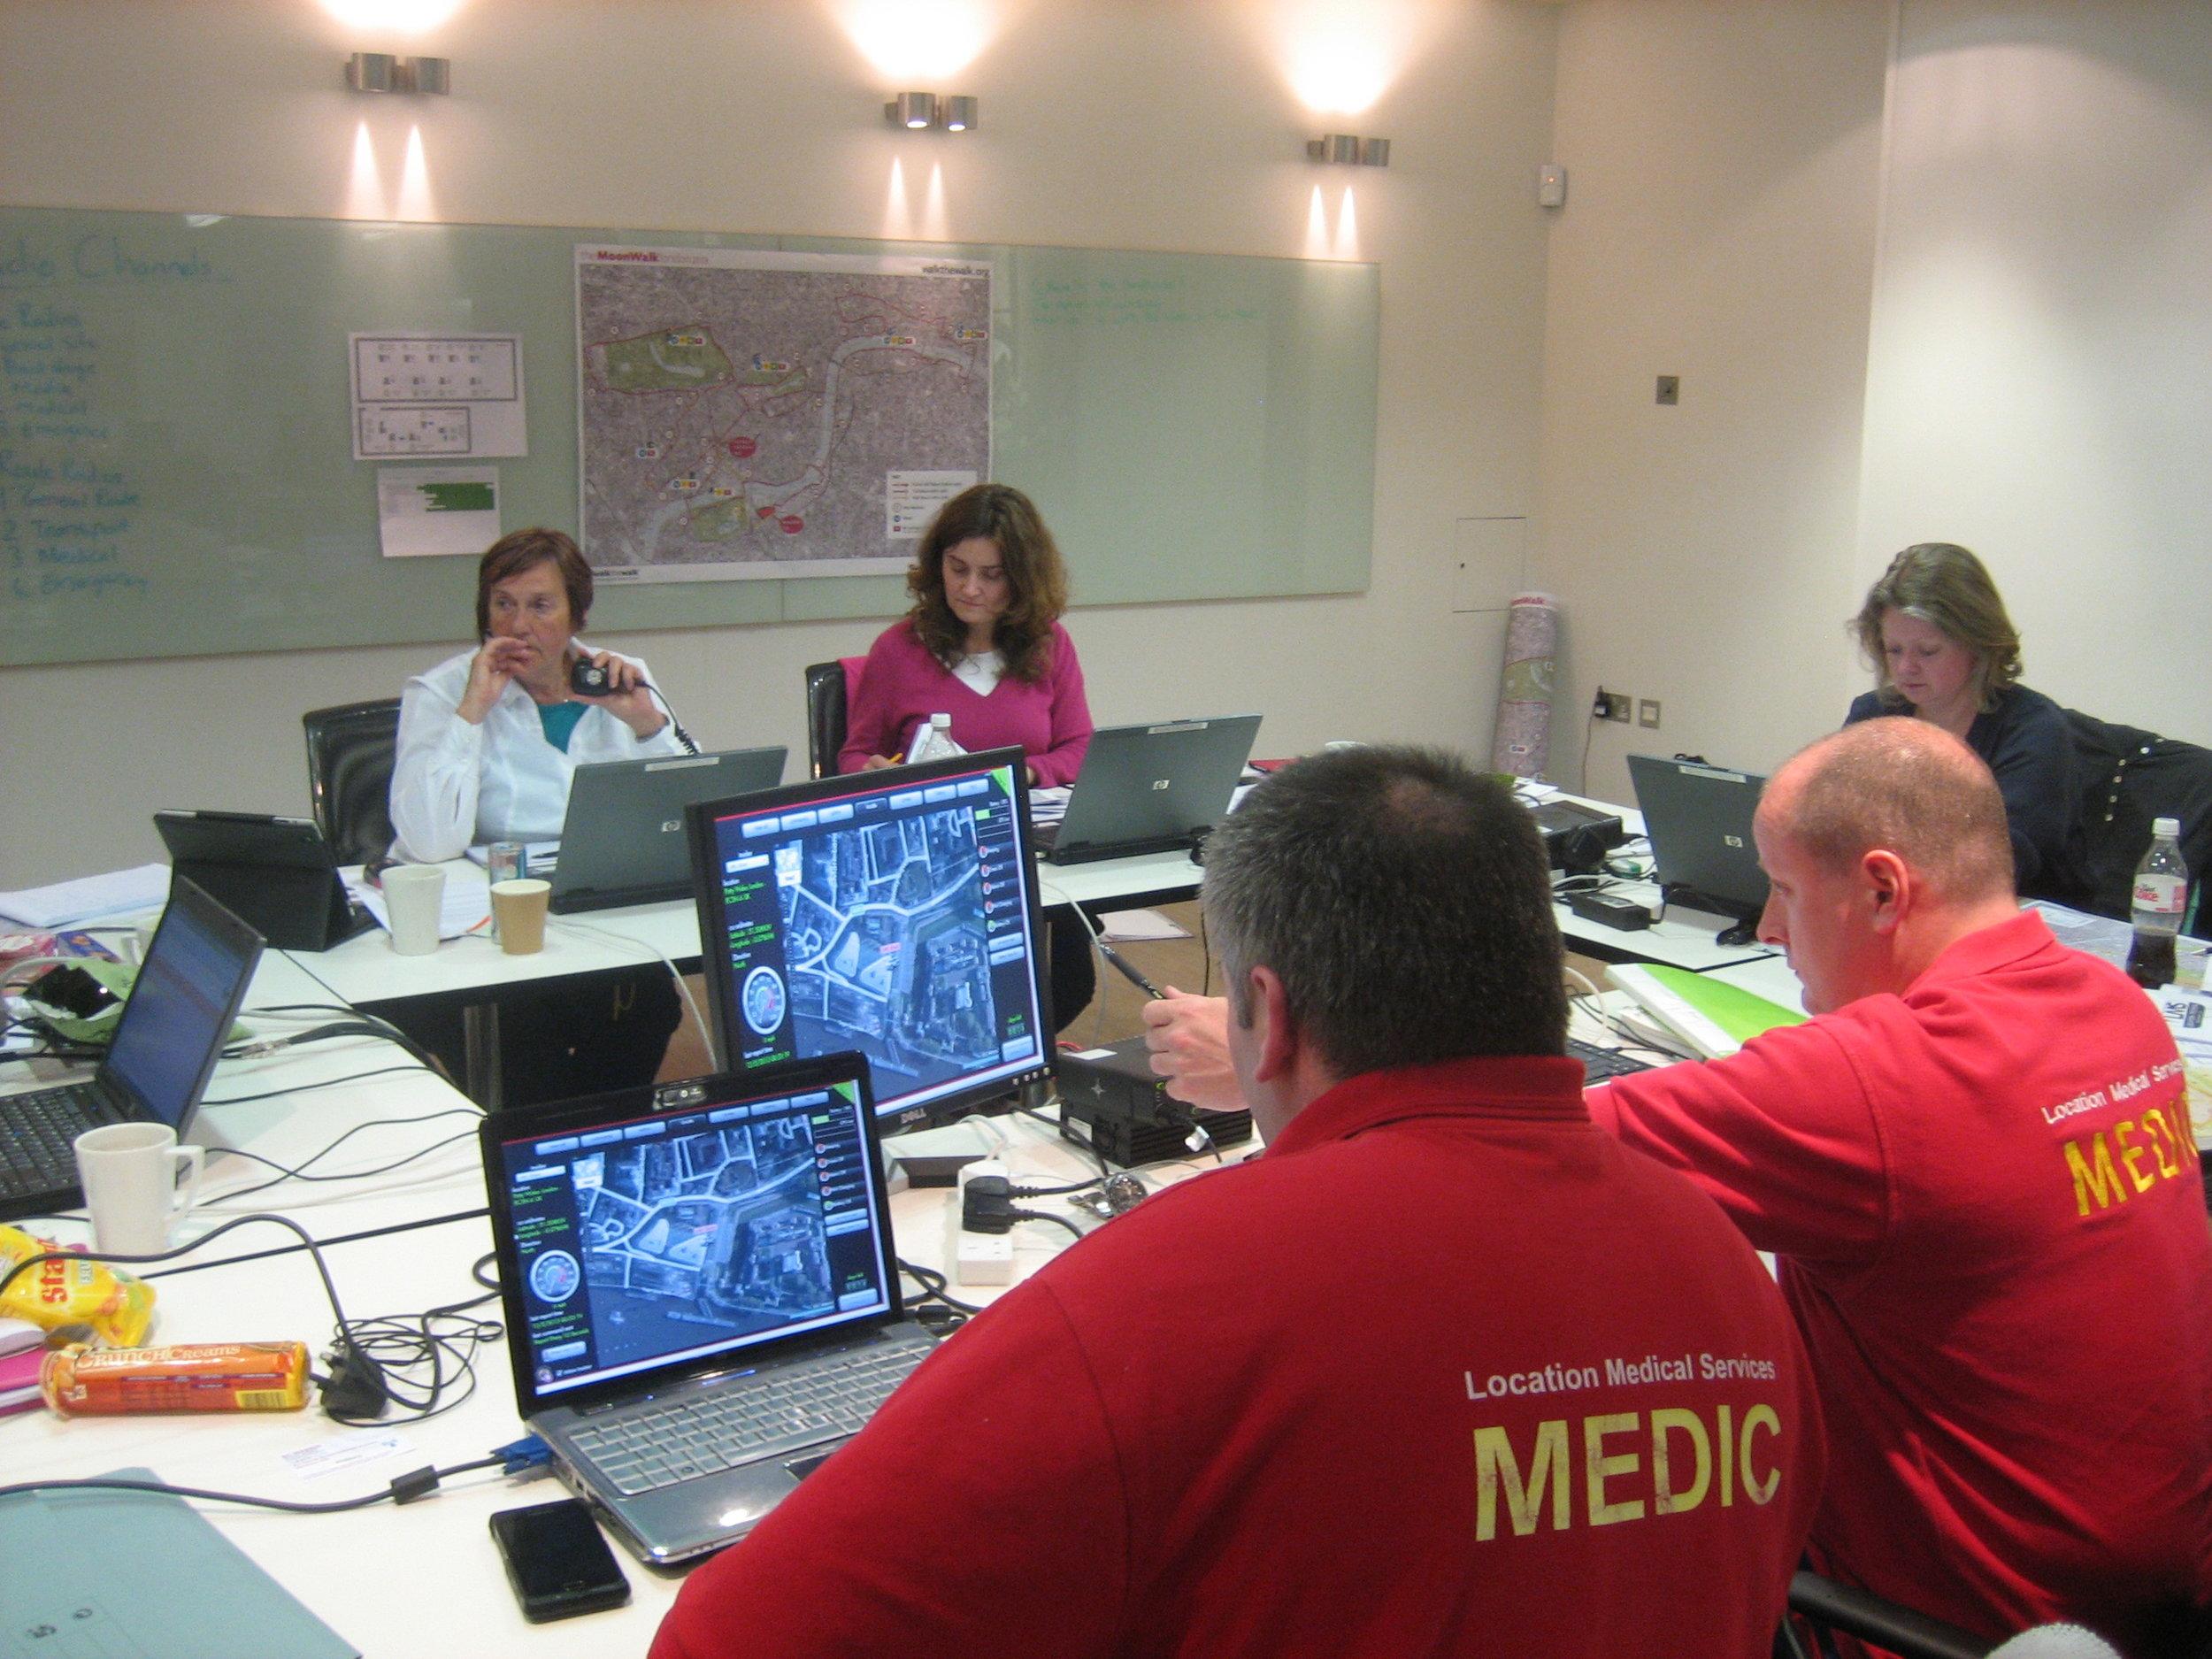 LMS Event Control Team